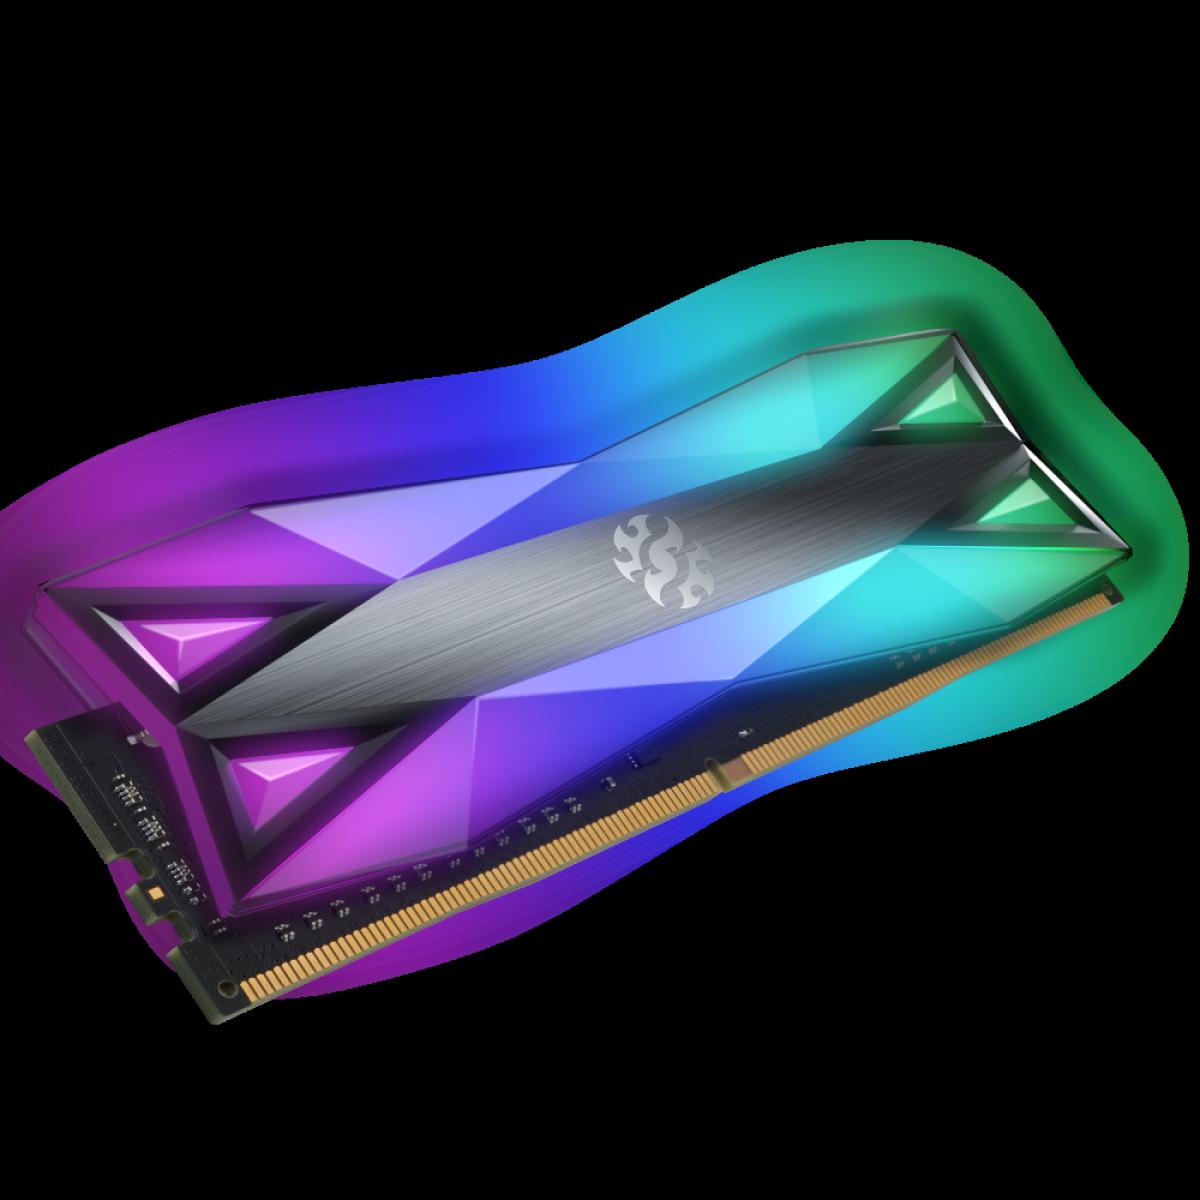 Memória DDR4 XPG Spectrix D60G, 8GB, 4133mhz , RGB, Black, AX4U413338G19-ST60